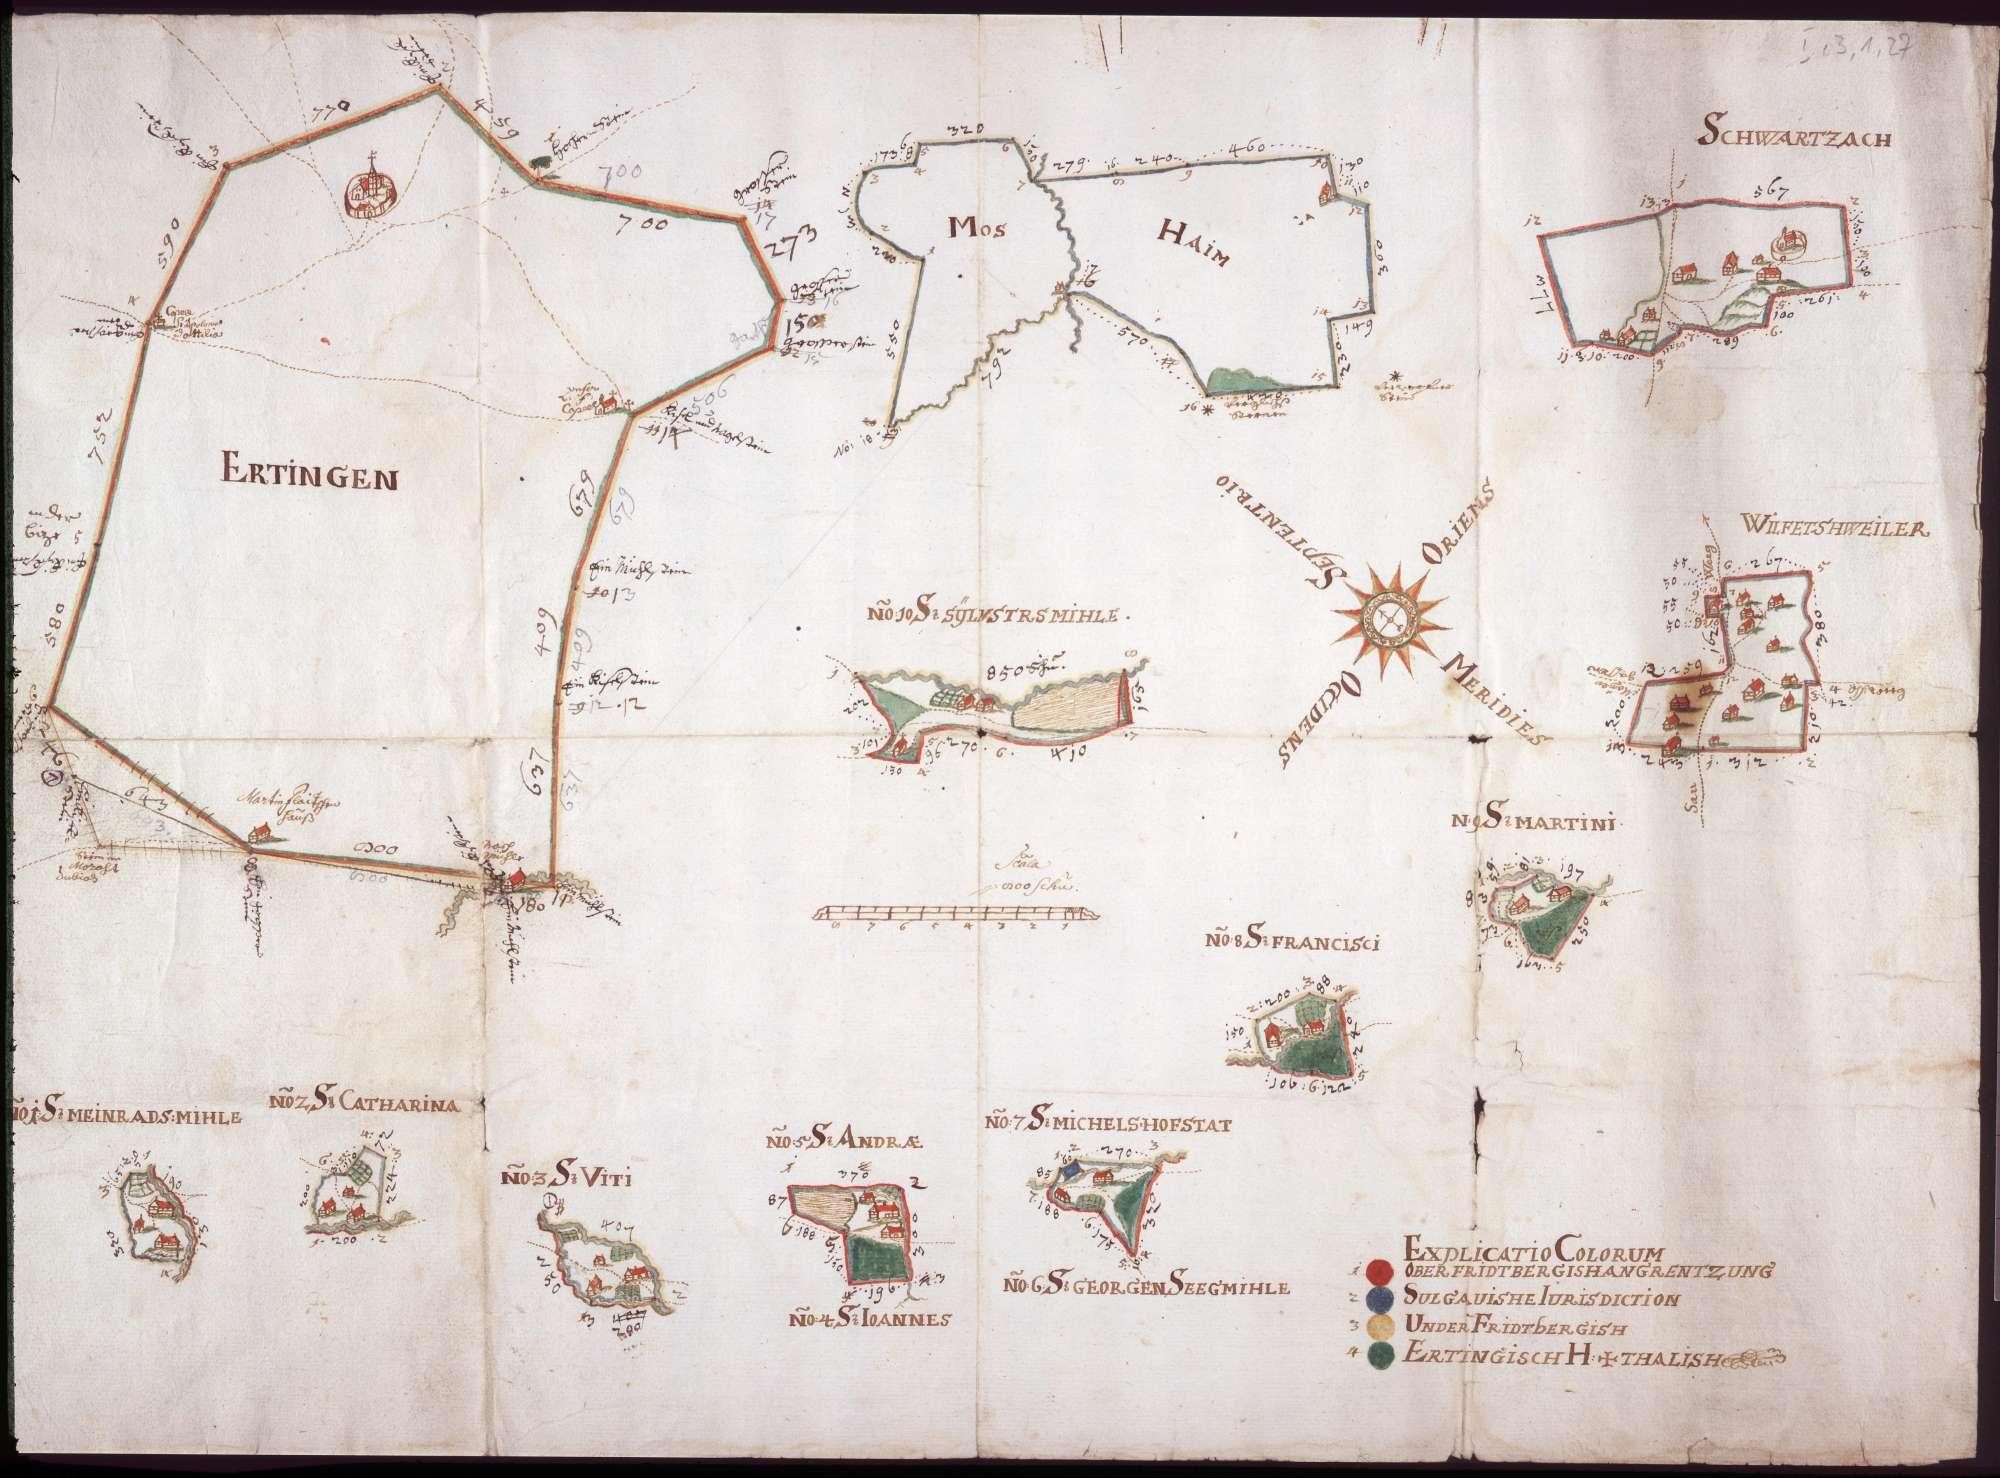 Etter zur Ertingen, Moosheim, Wilfertsweiler und Schwarzach Maßstab ca. 1 : 50000 col. handgez., Bild 1